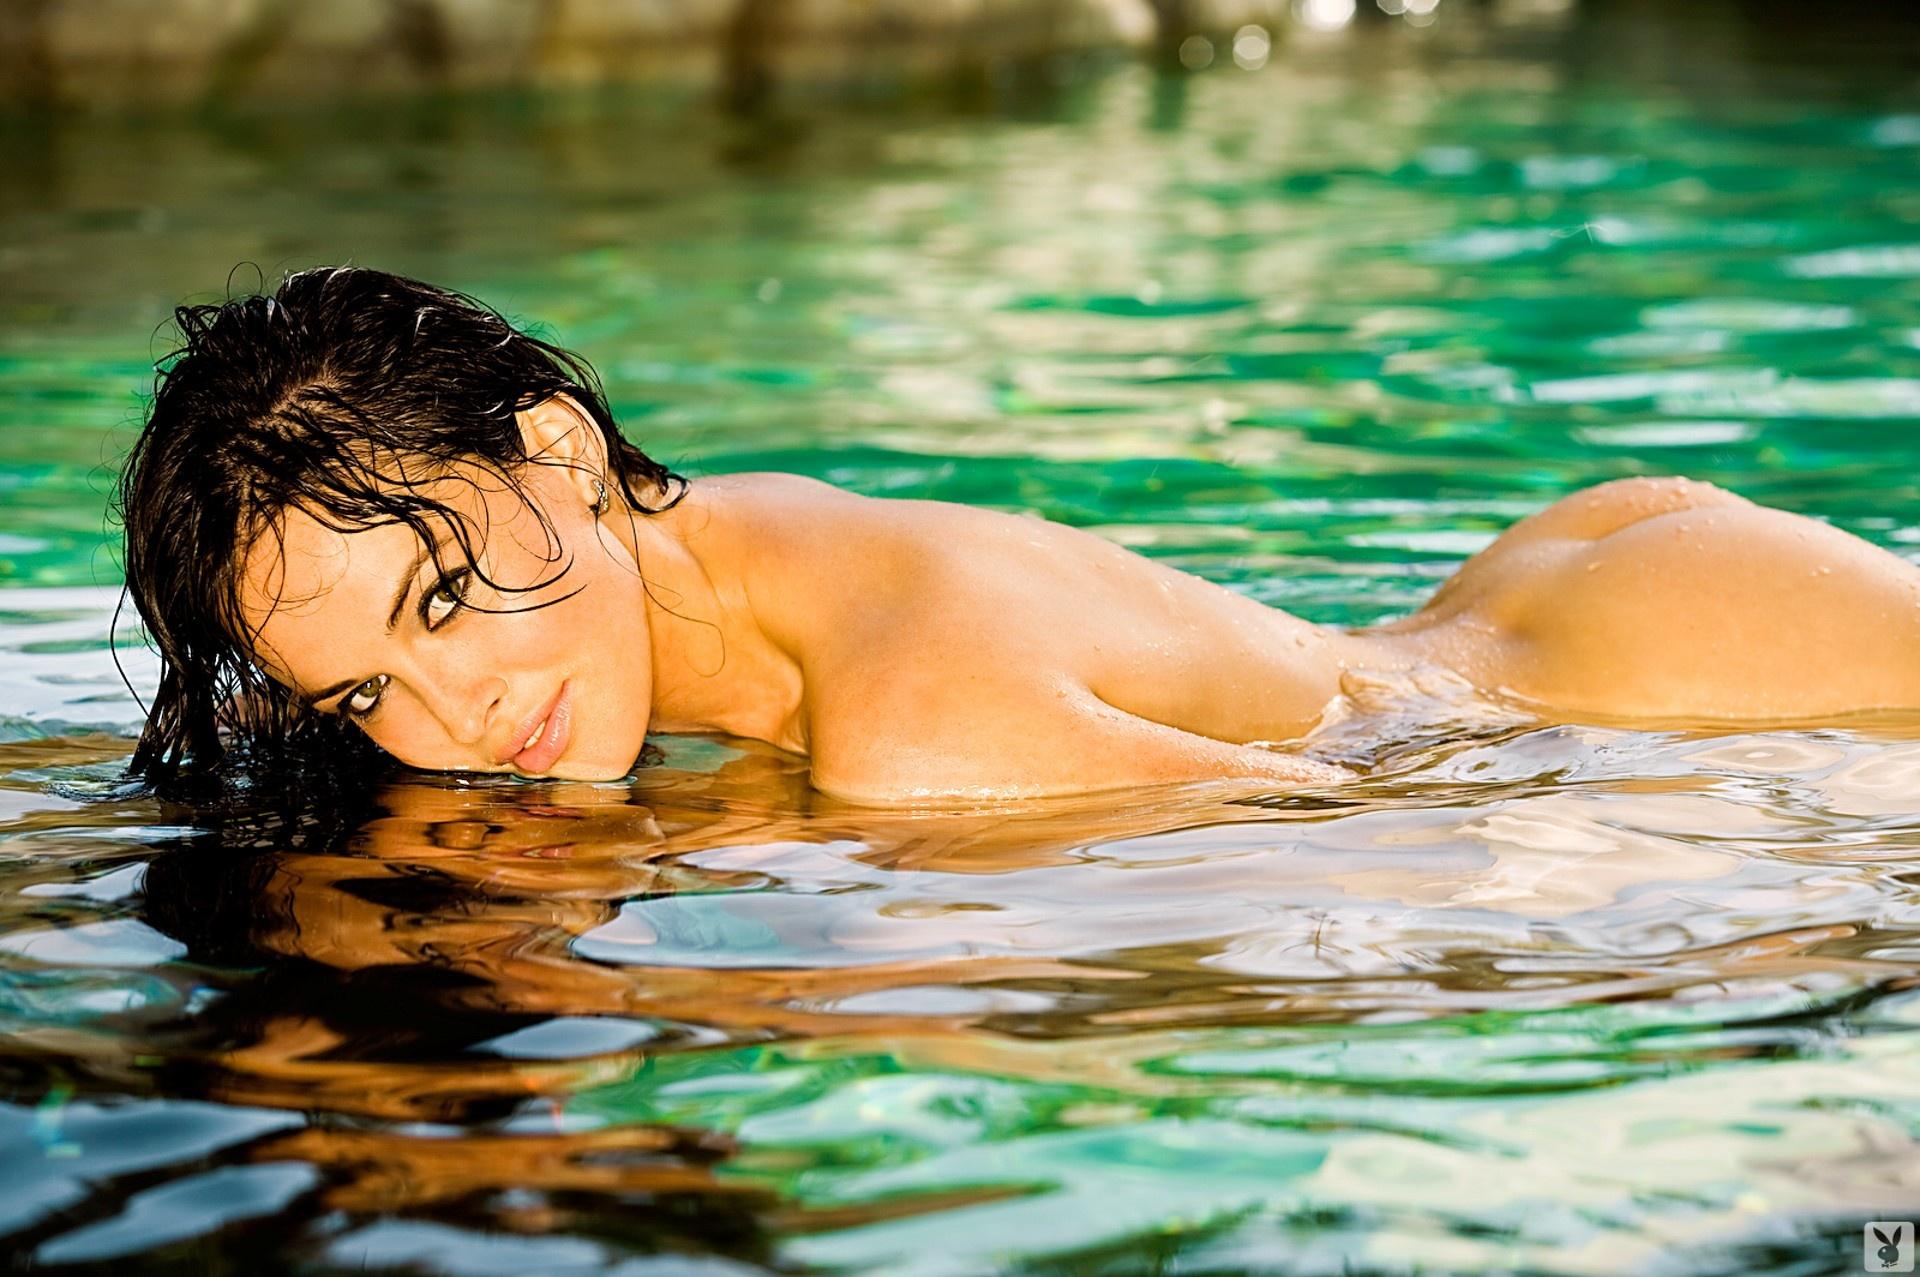 Эротические фото в воде 25 фотография